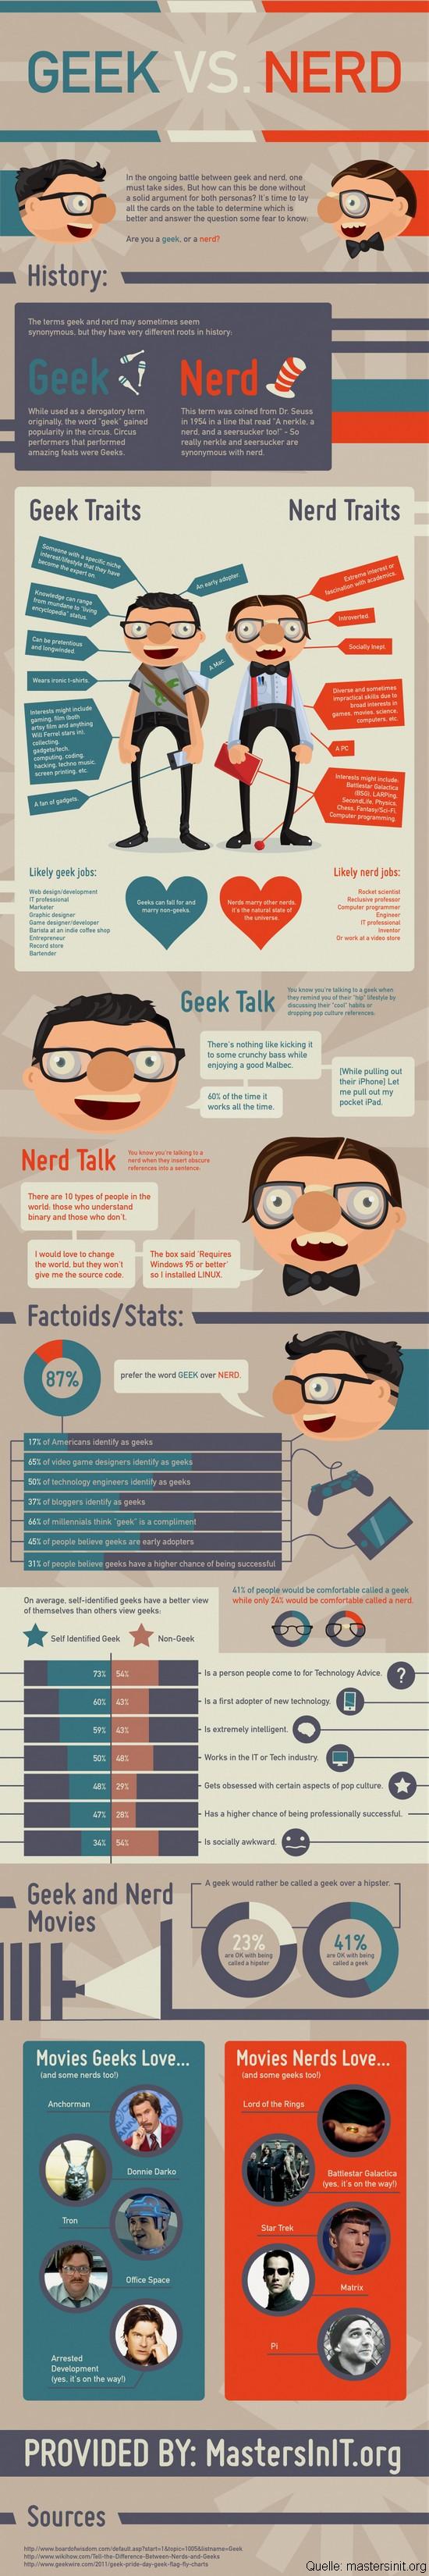 Der Vergleich: Geeks versus Nerds